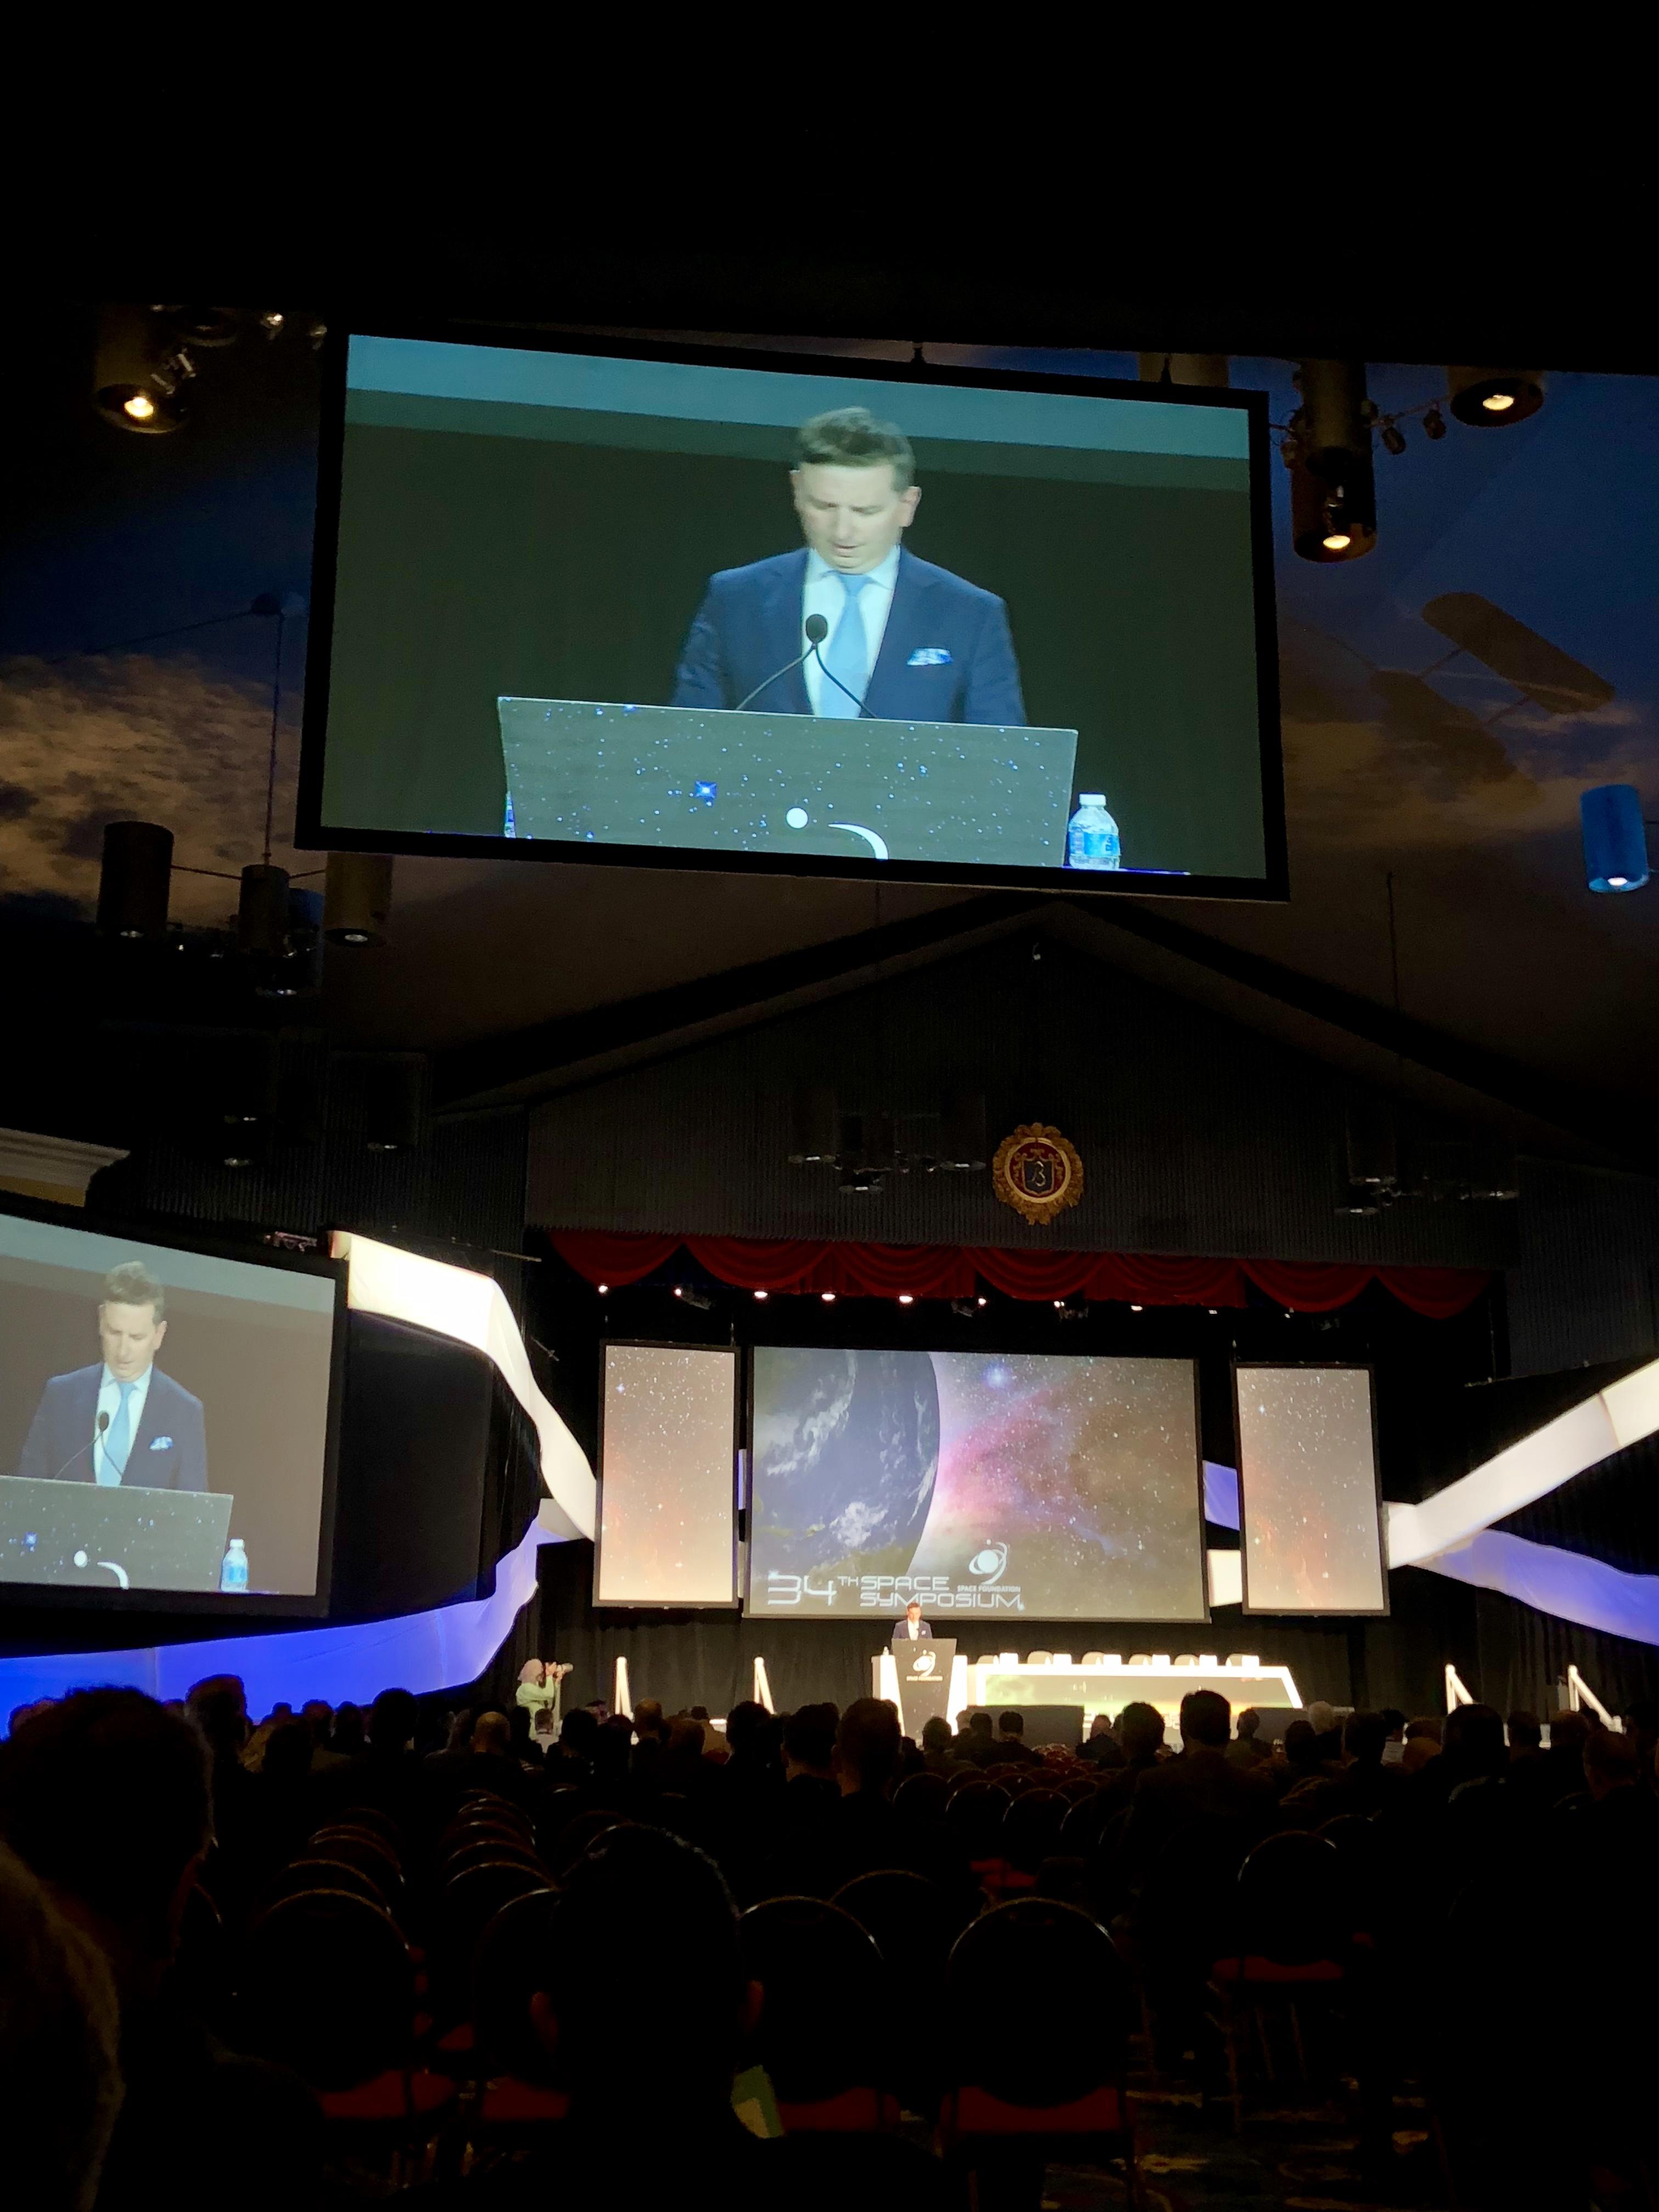 Tomasz Husak delivers his keynote address at the 34th Space Symposium (April 17, 2018 in Colorado Springs, Colorado, U.S.A).